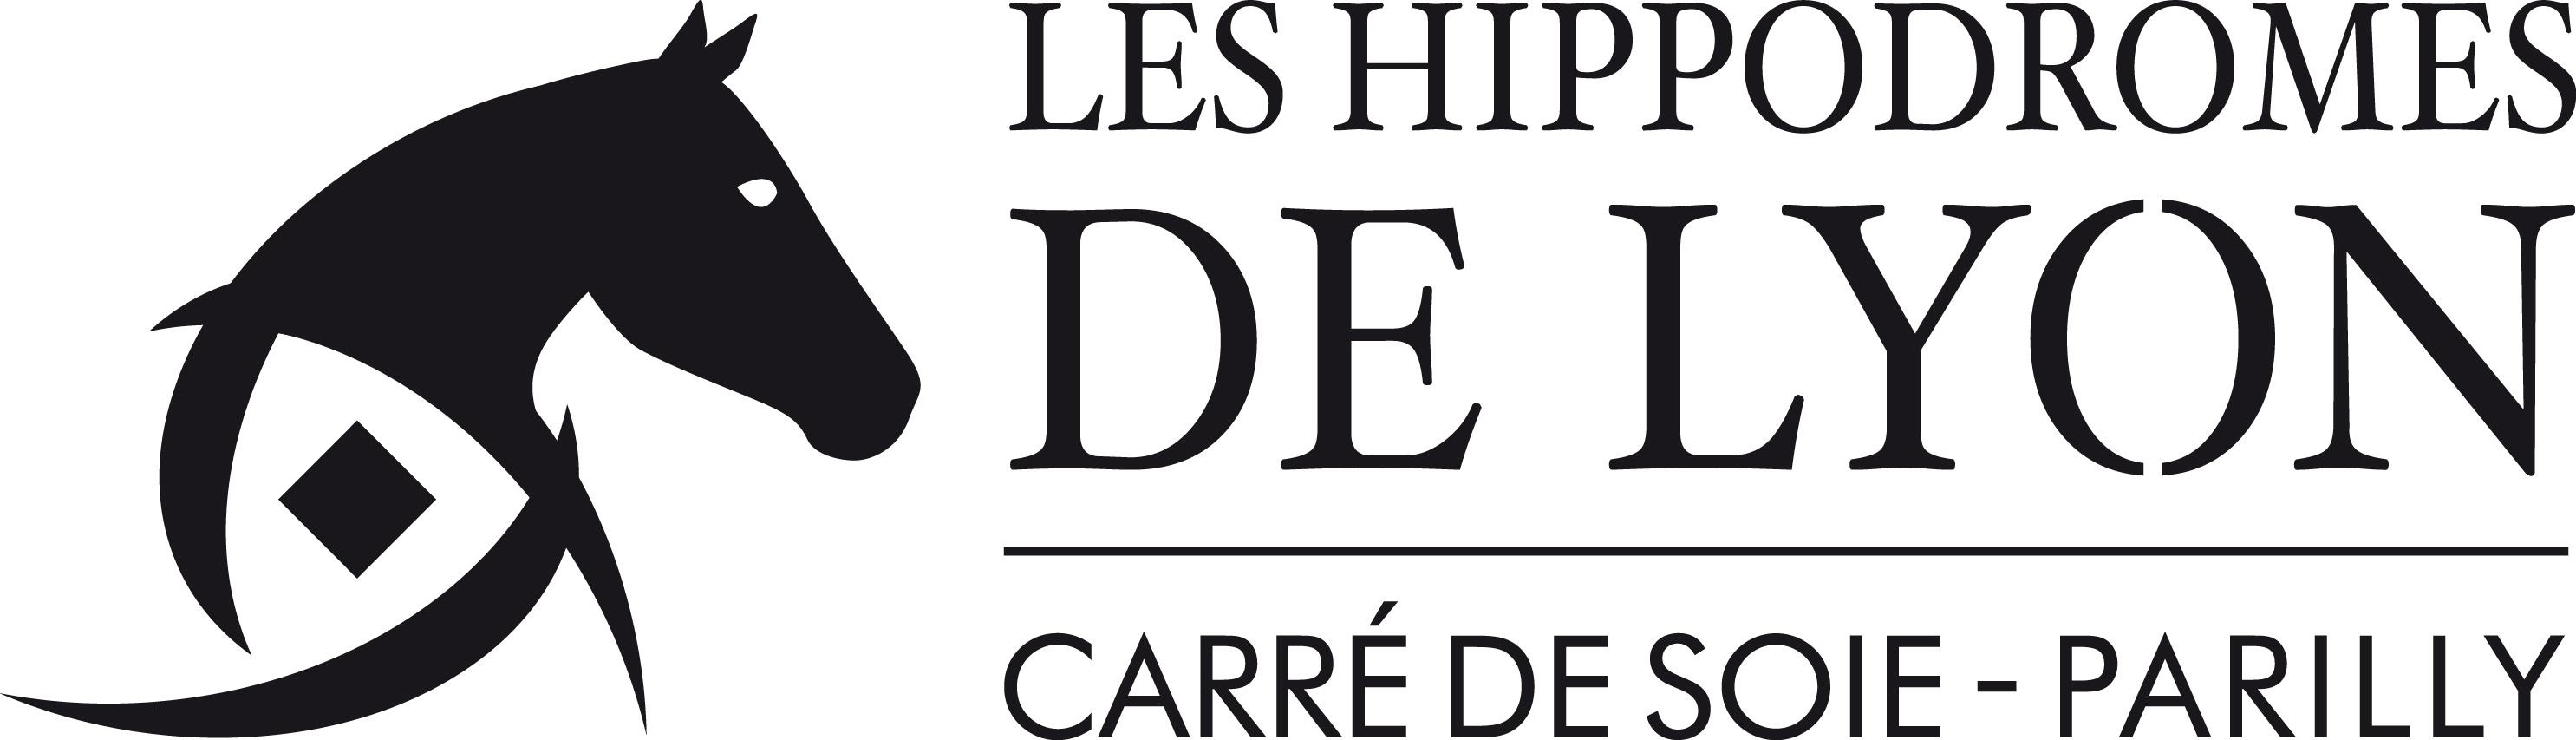 Les hippodromes de Lyon ouverts pour les Journées du Patrimoine 03511fa7737e2147559458ec691fadabeb408151aae58c8486c8c8271e13b233